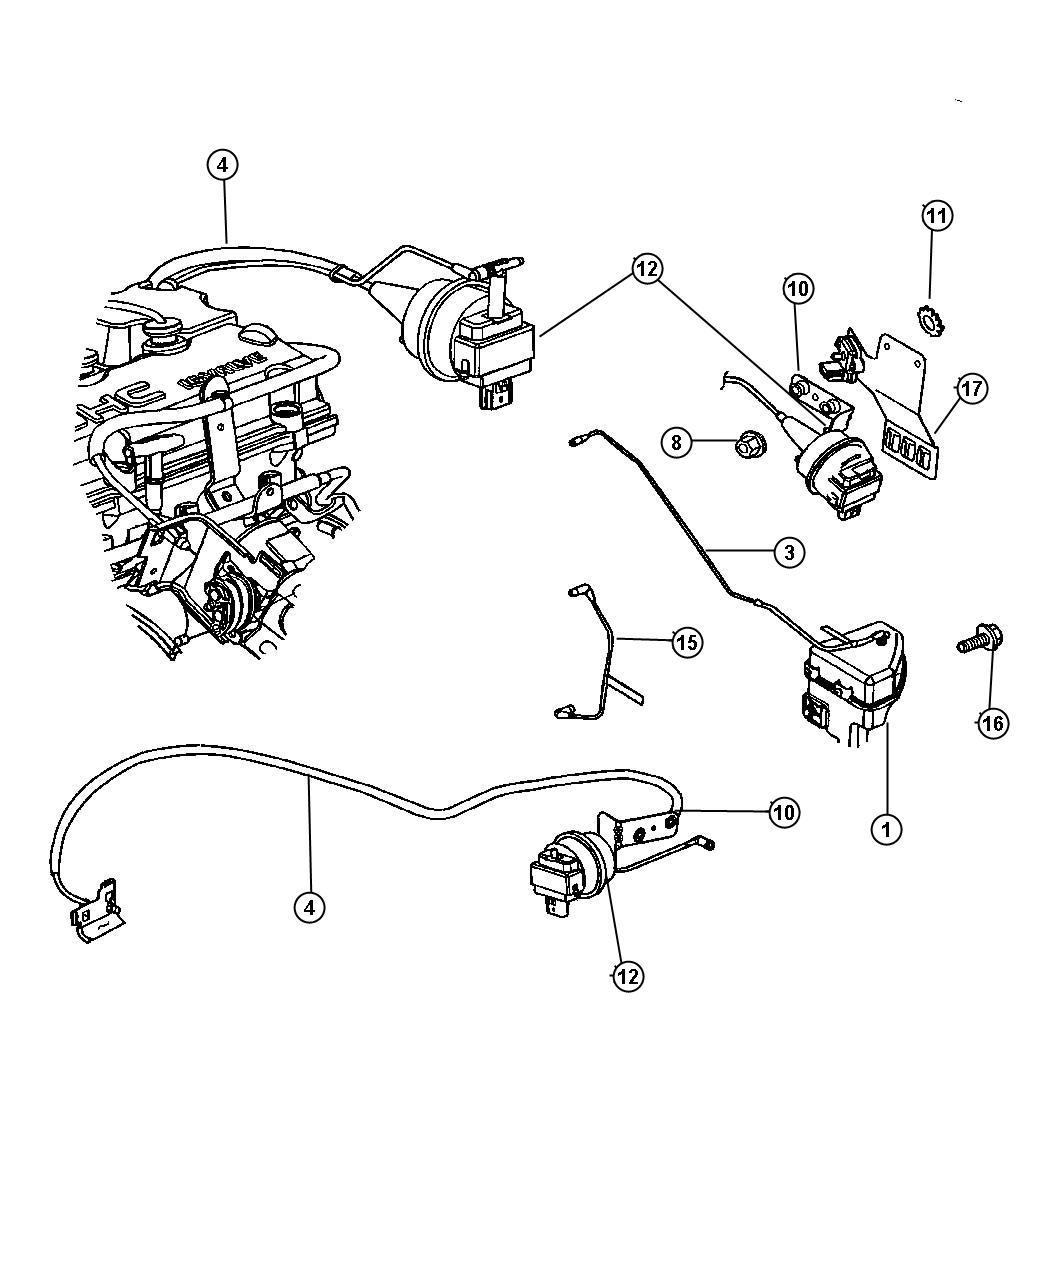 2004 Dodge Stratus Speed Control 2.0L-2.4L-2.7L Engine